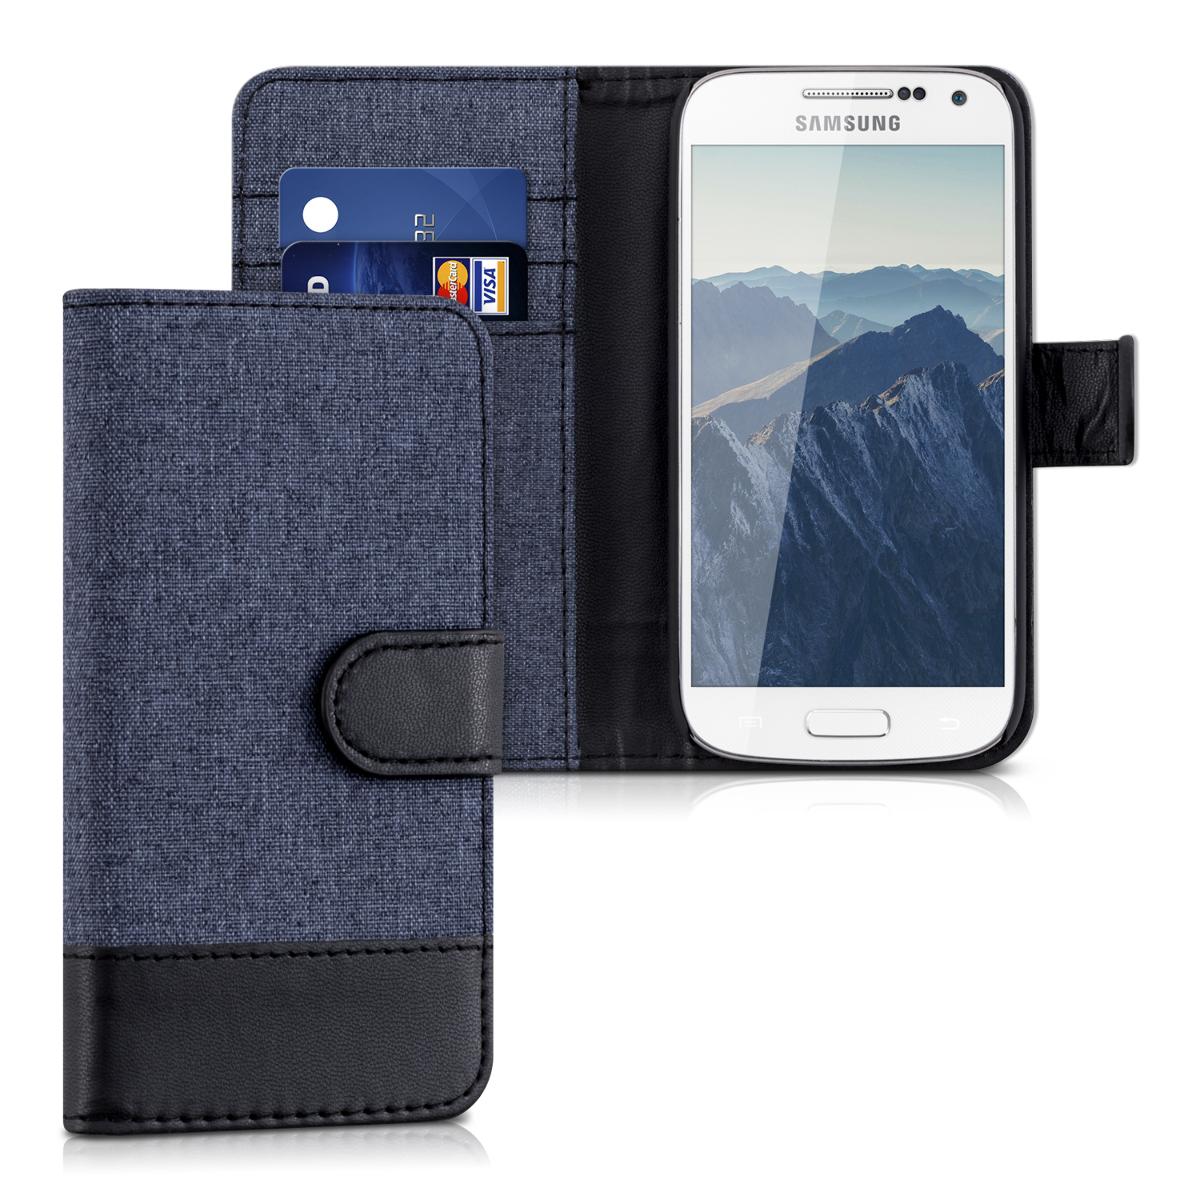 Fabricpouzdro pro Samsung S4 Mini - tmavě modré / černé